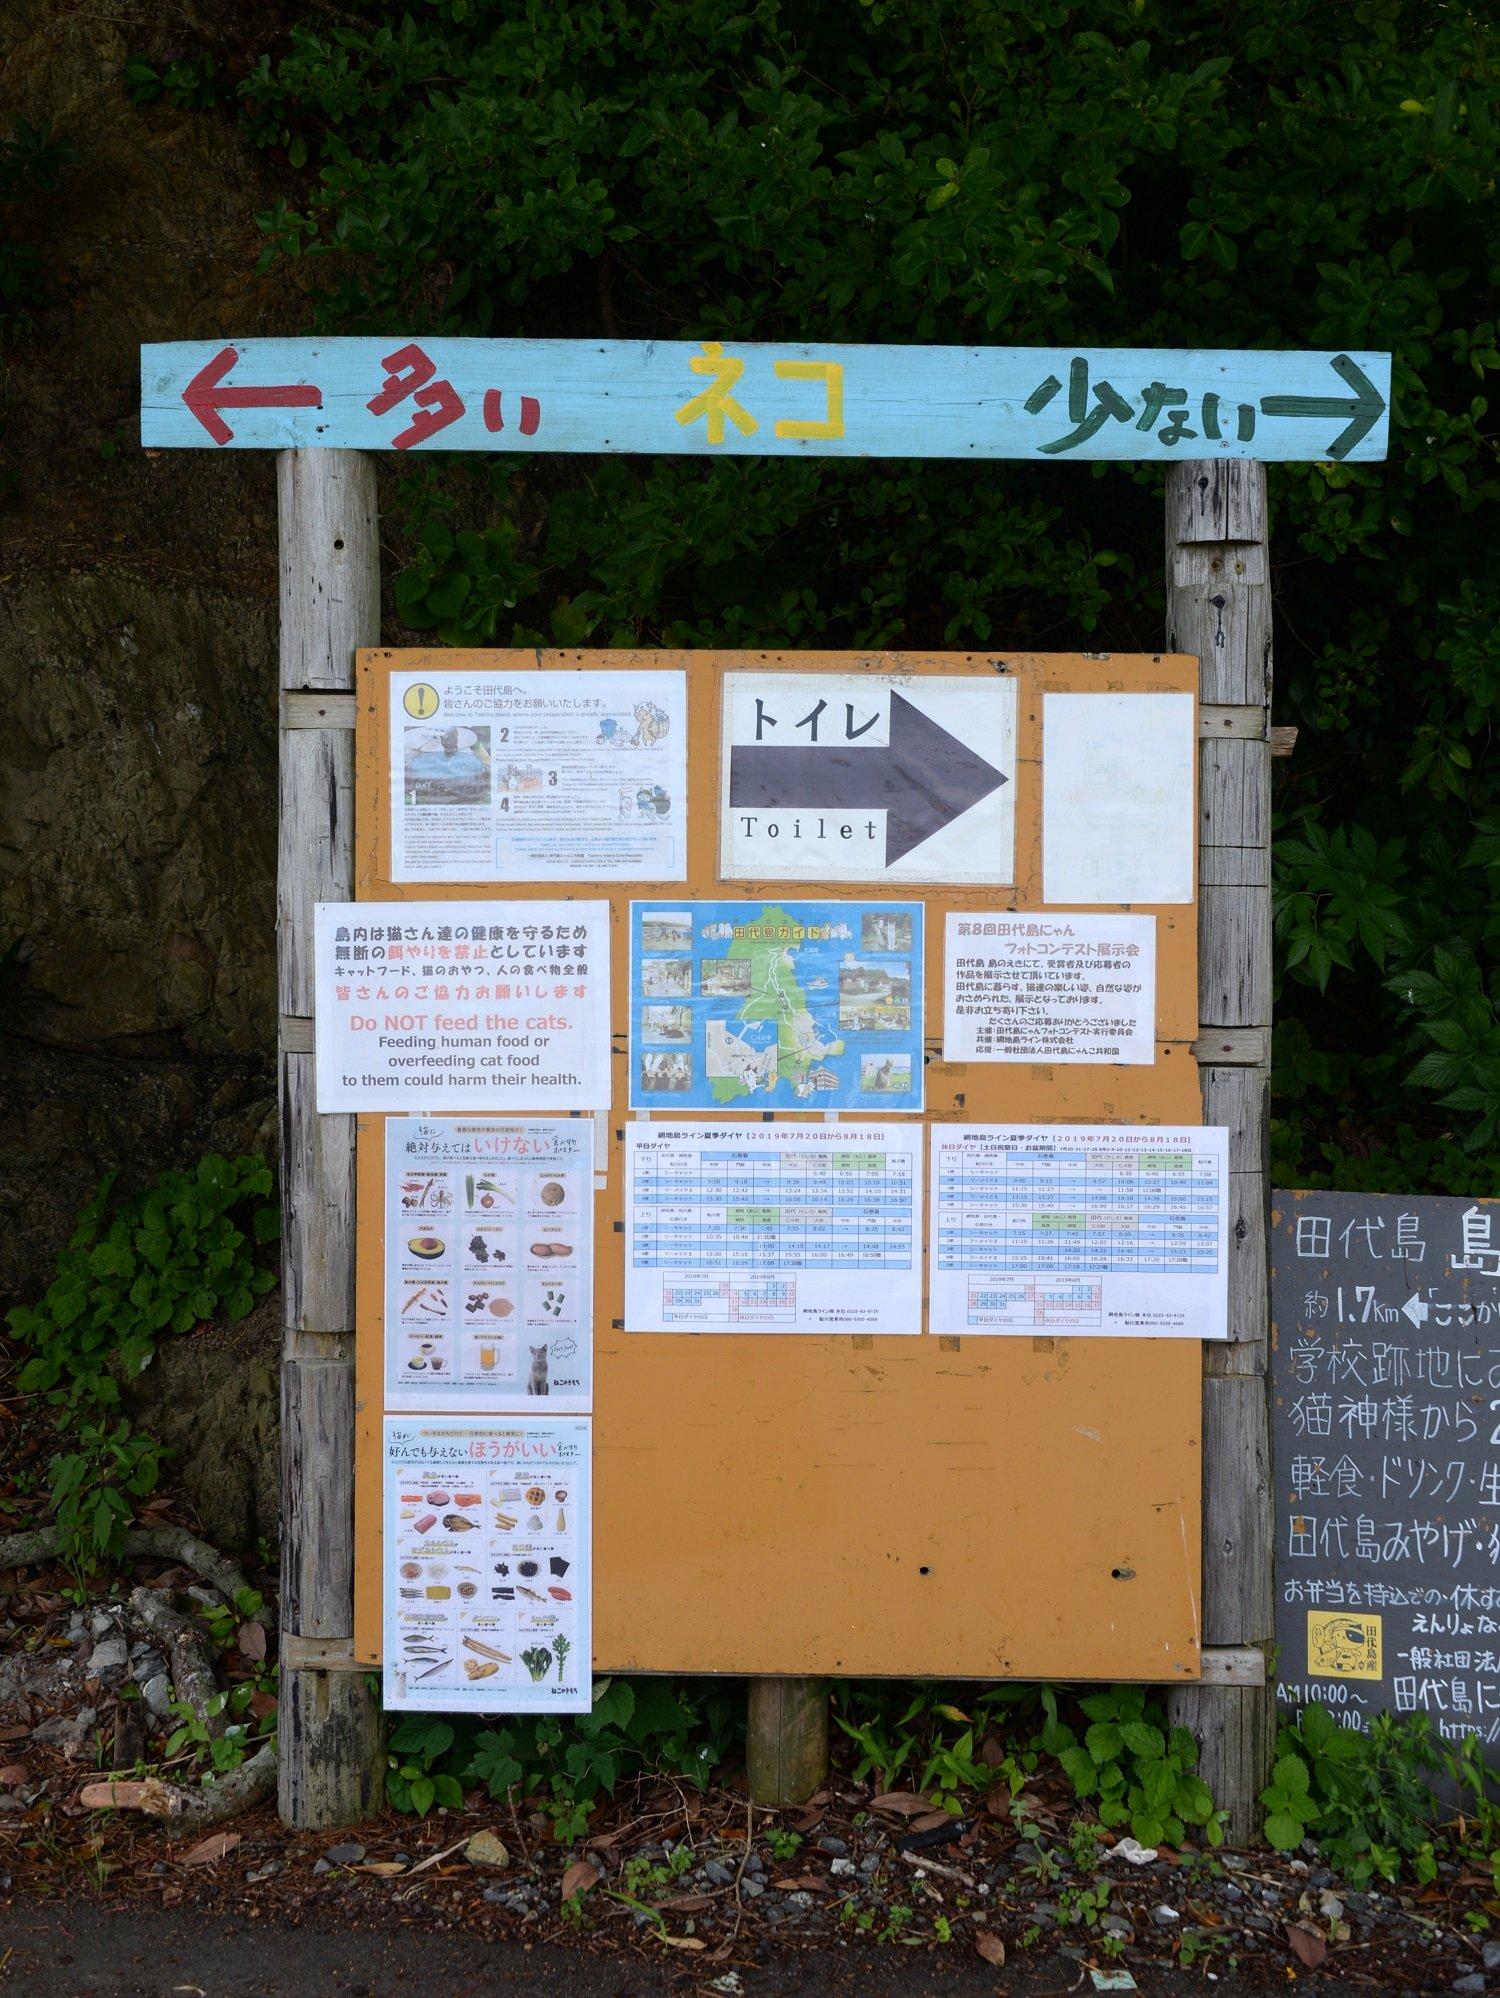 仁斗田港そばの分岐に建つ道案内。 ネコの数情報で行先を示している。